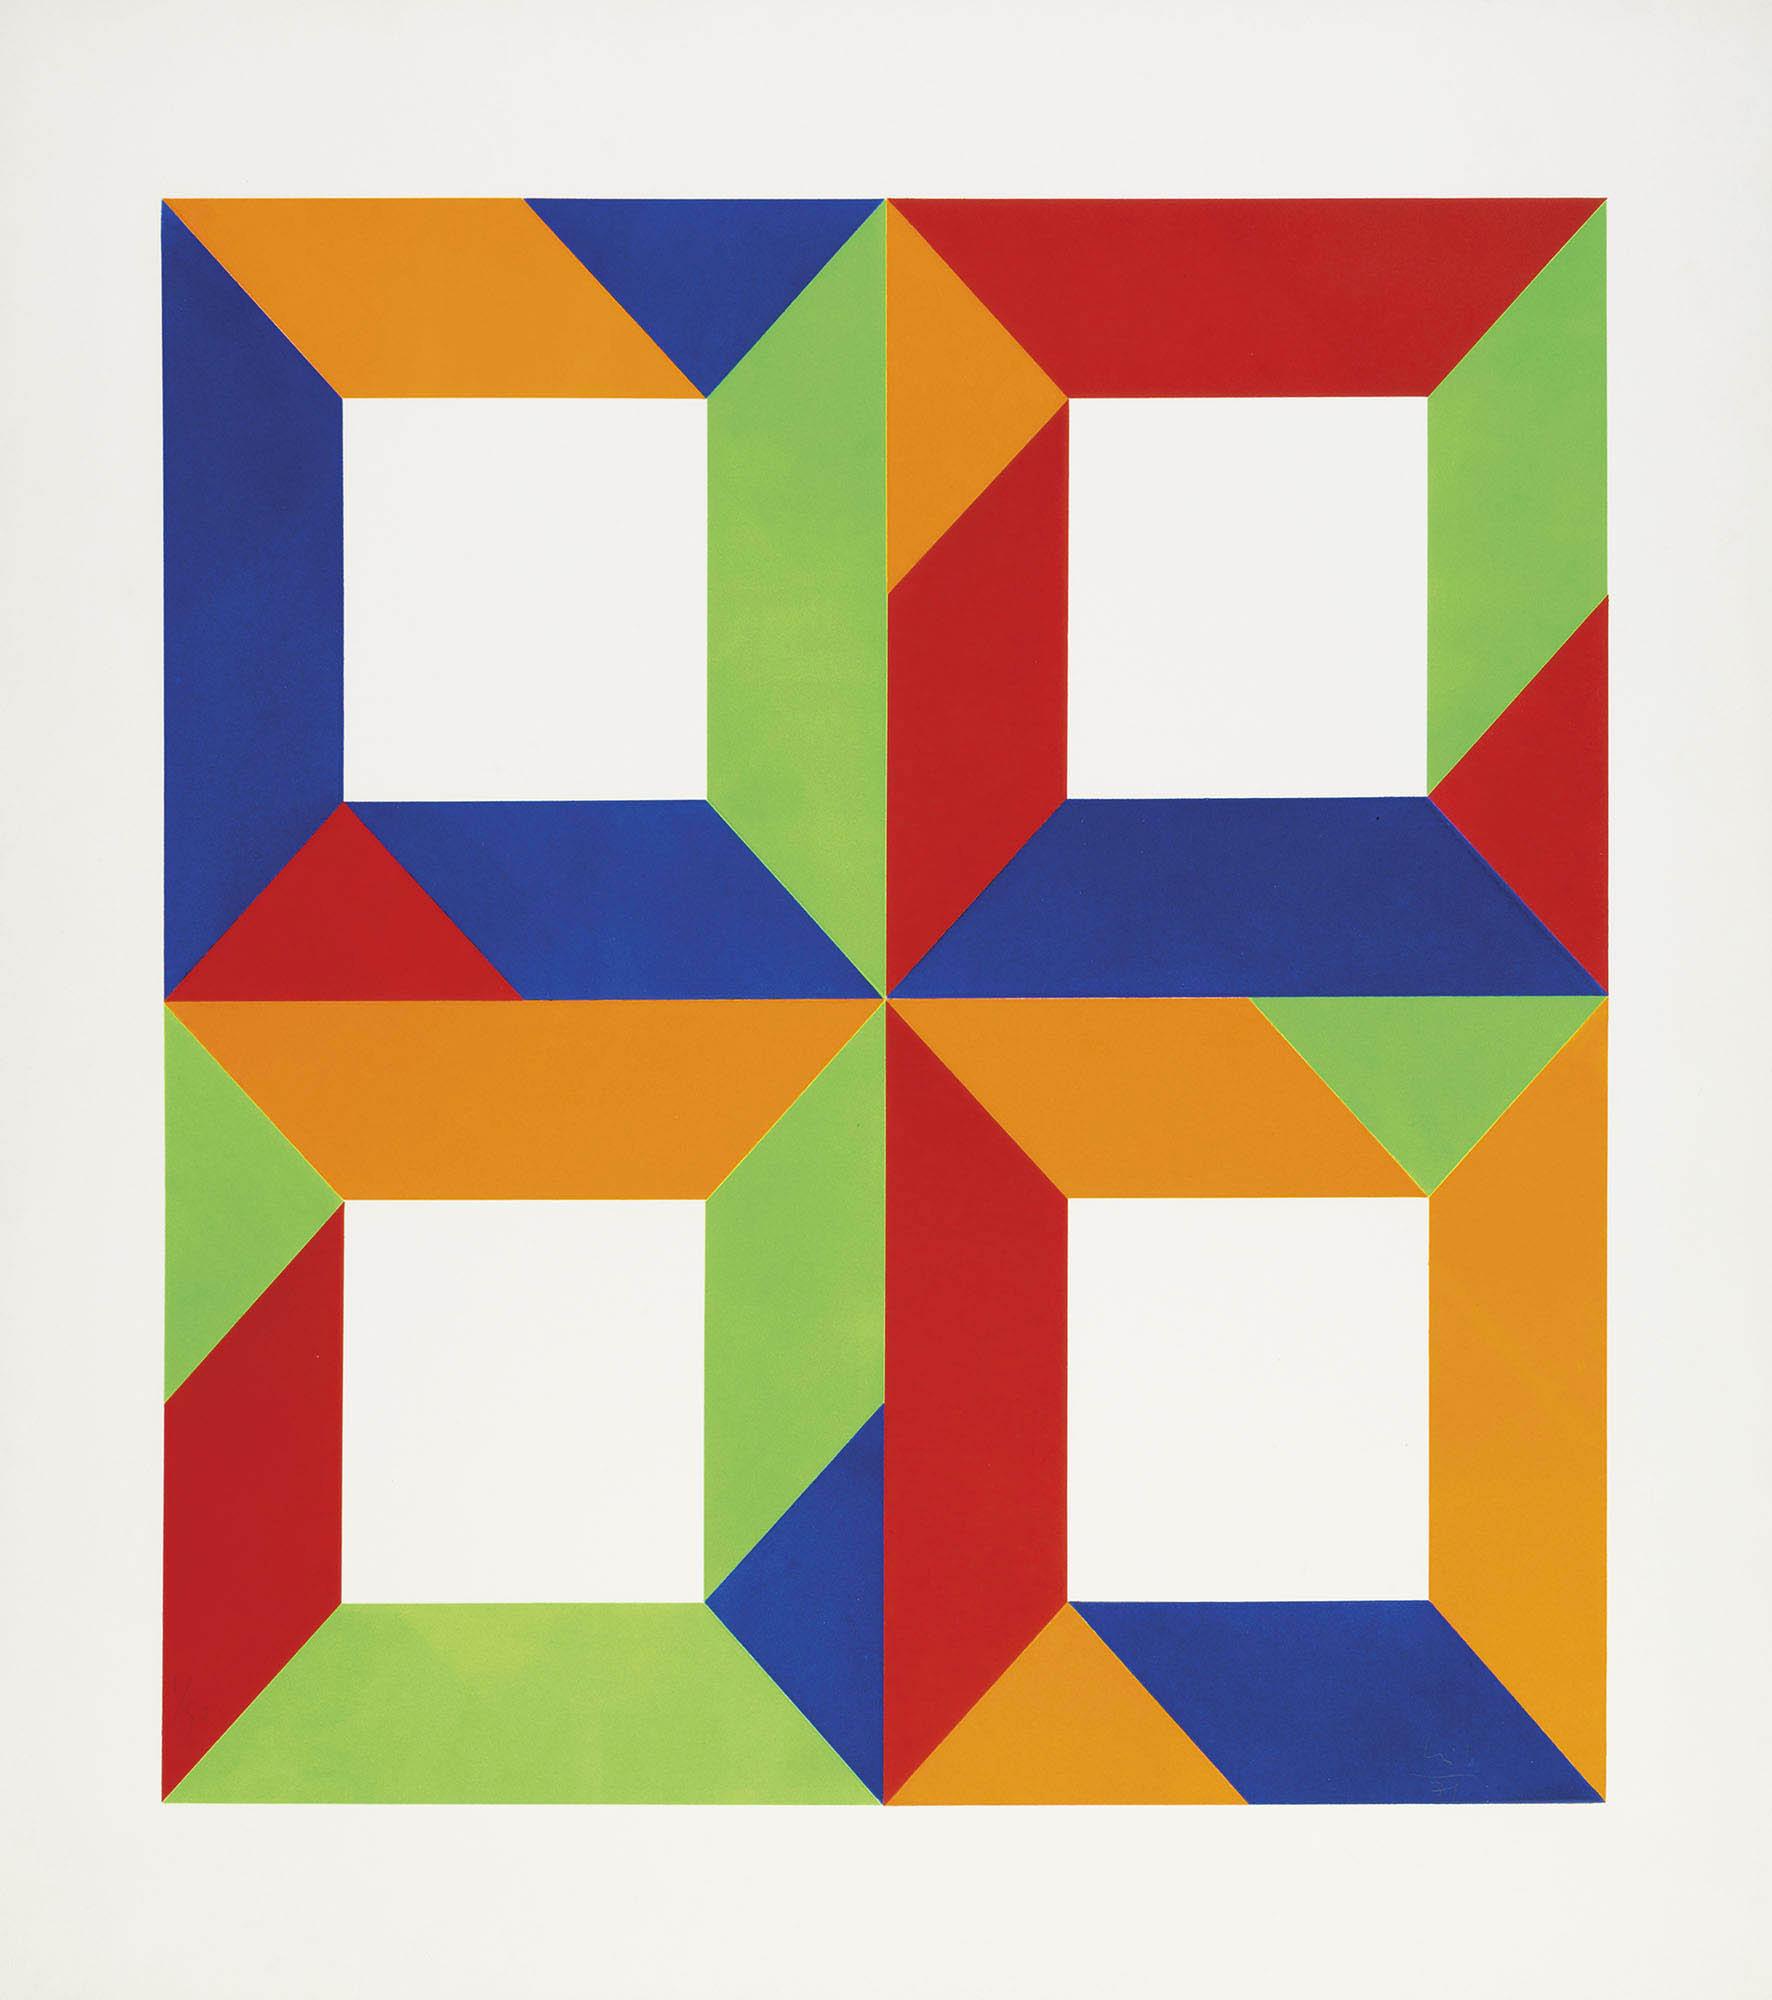 Senza titolo (Presenza grafica), 1971